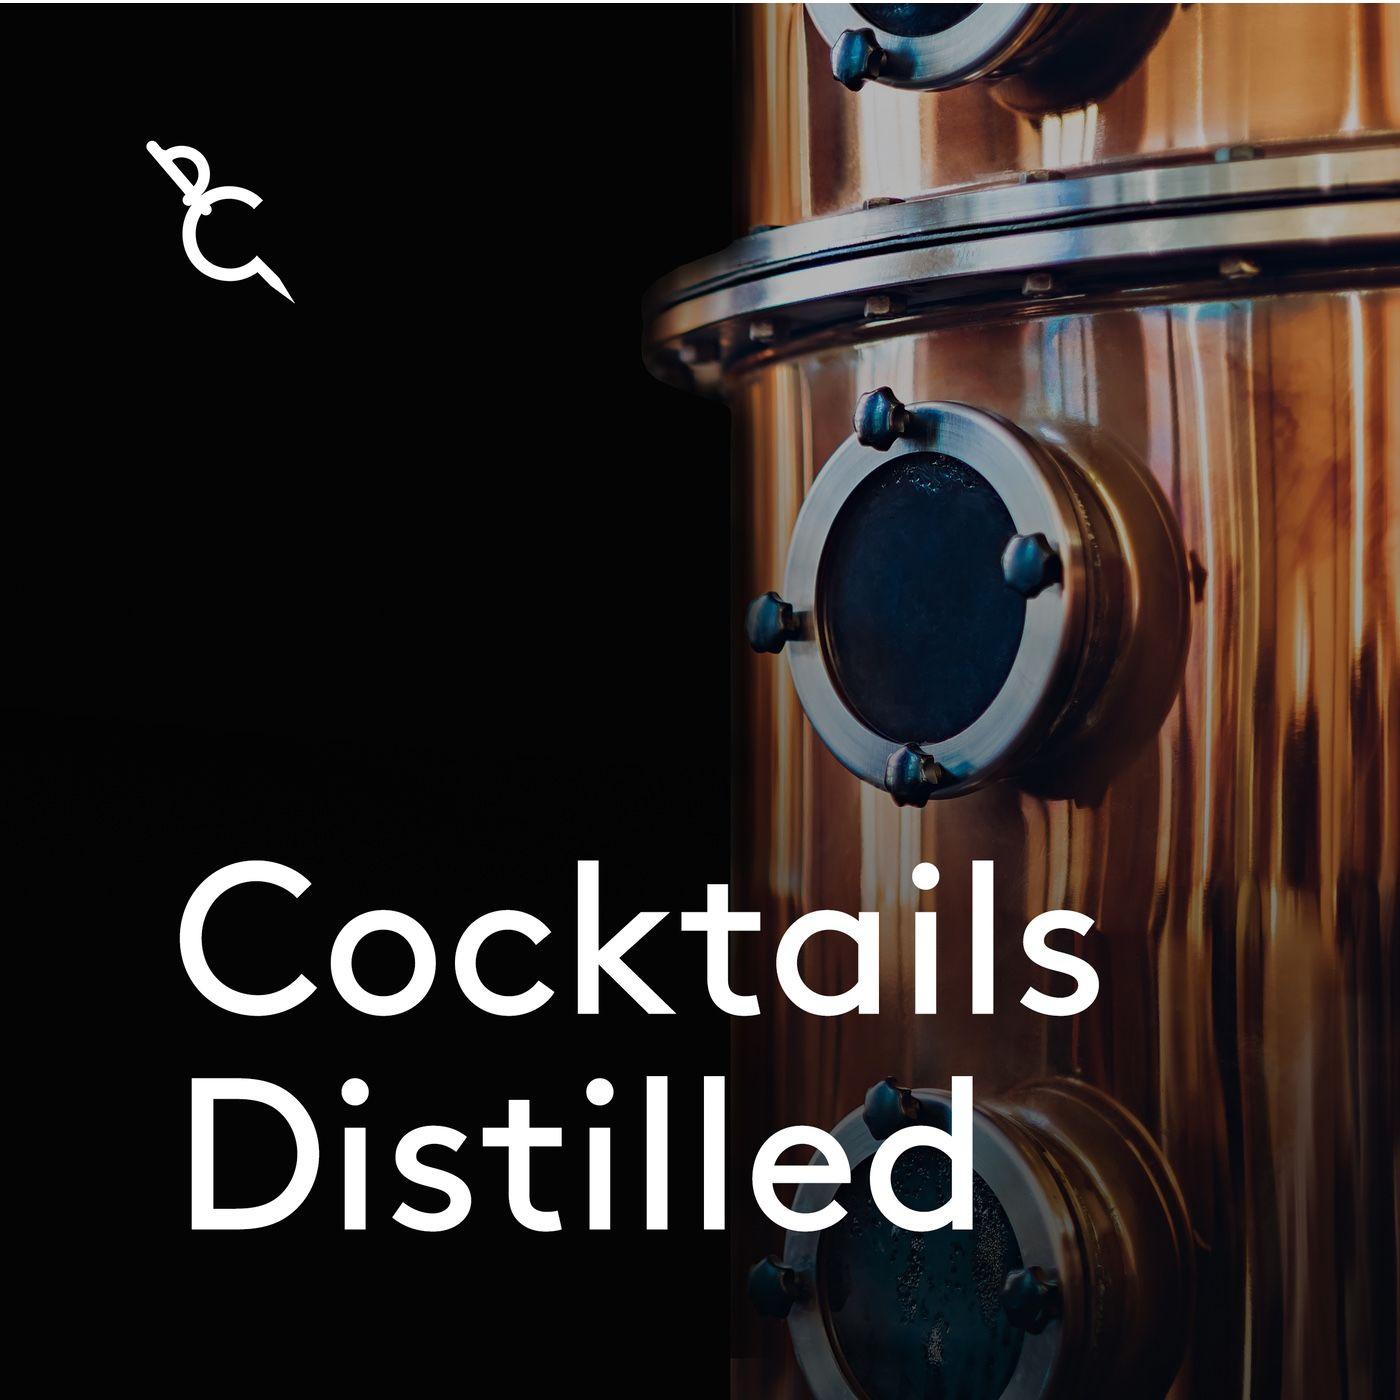 Cocktails Distilled